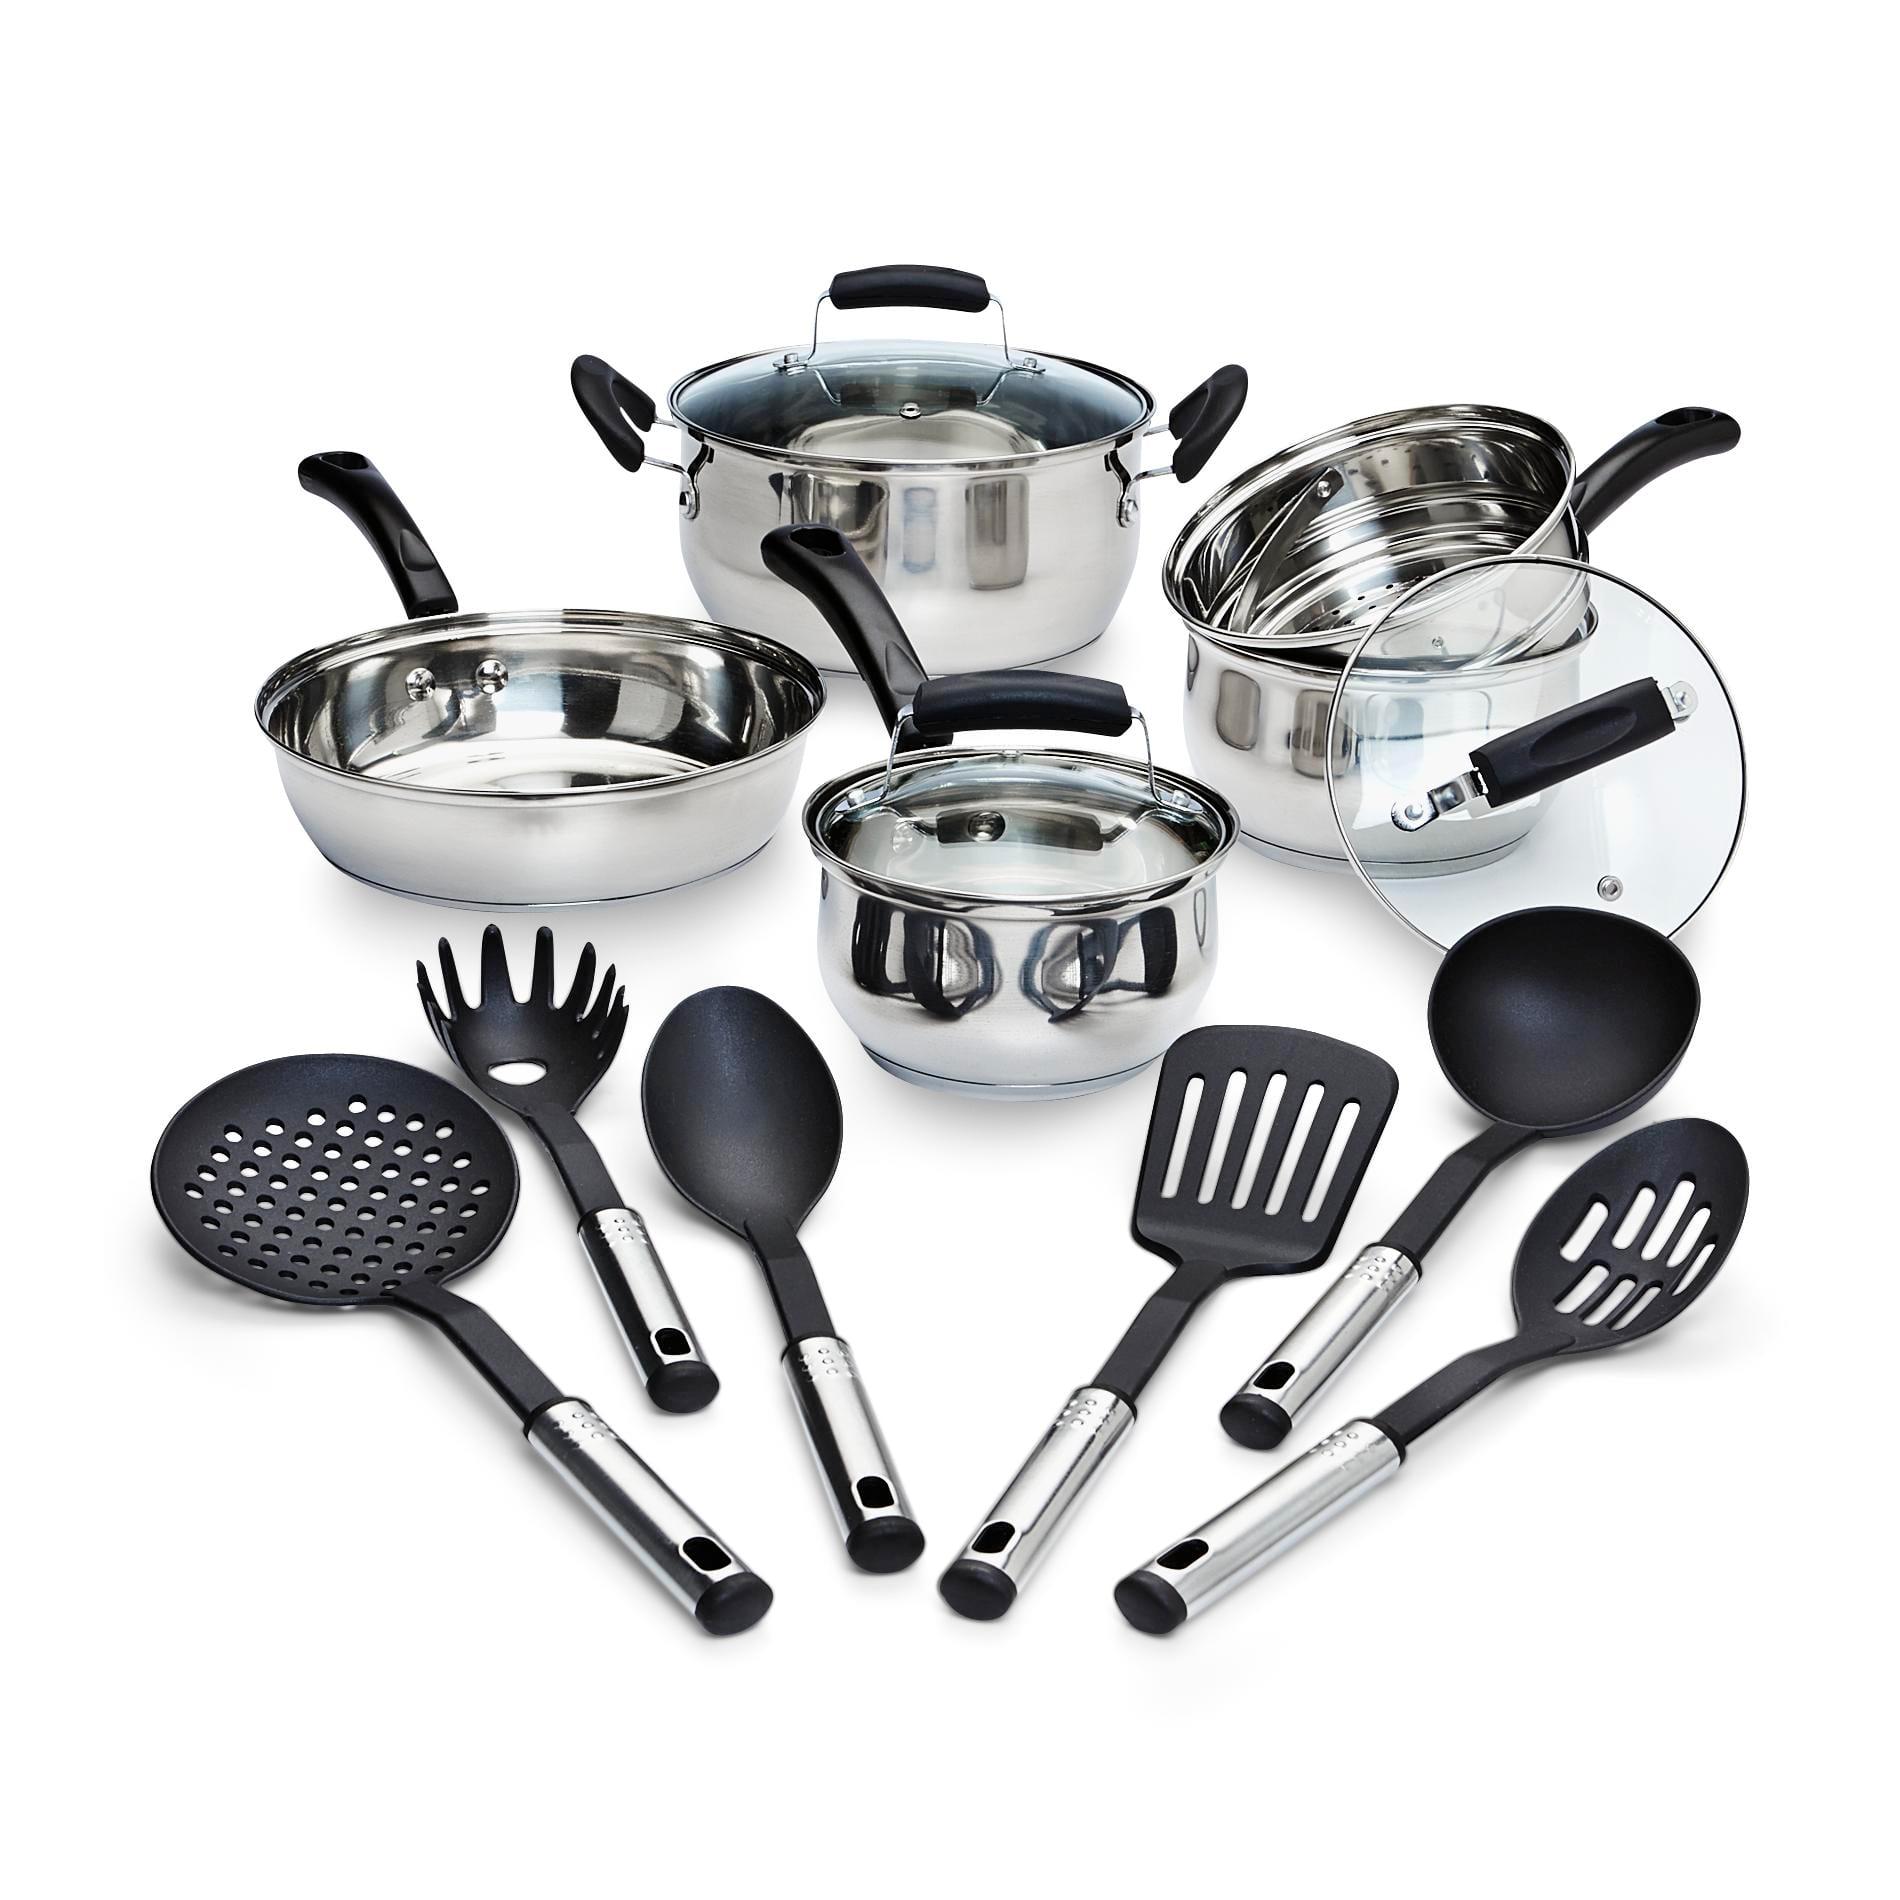 Peralatan Masak Set Unik Buat Masak Semakin Asyik - Mr. Kitchen